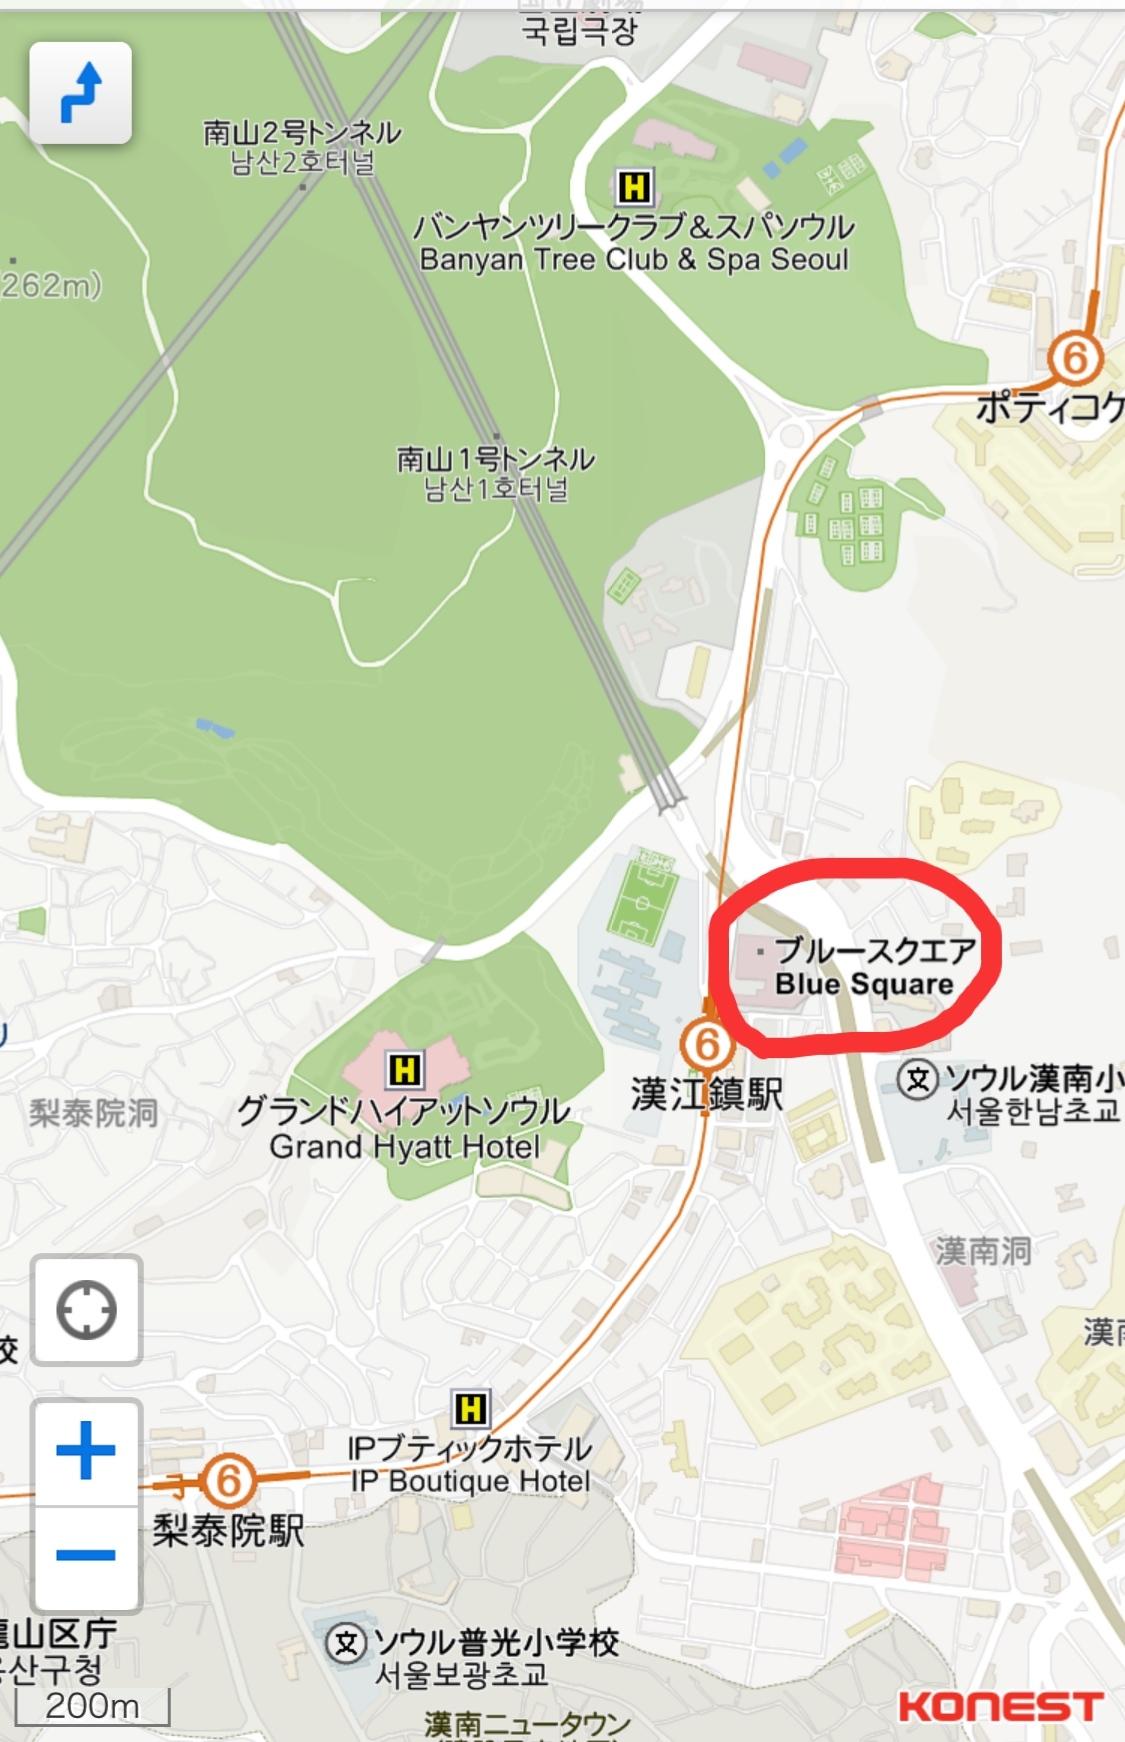 ジョンソクssi、ソウルでファンミ開催!_f0378683_12254593.jpg